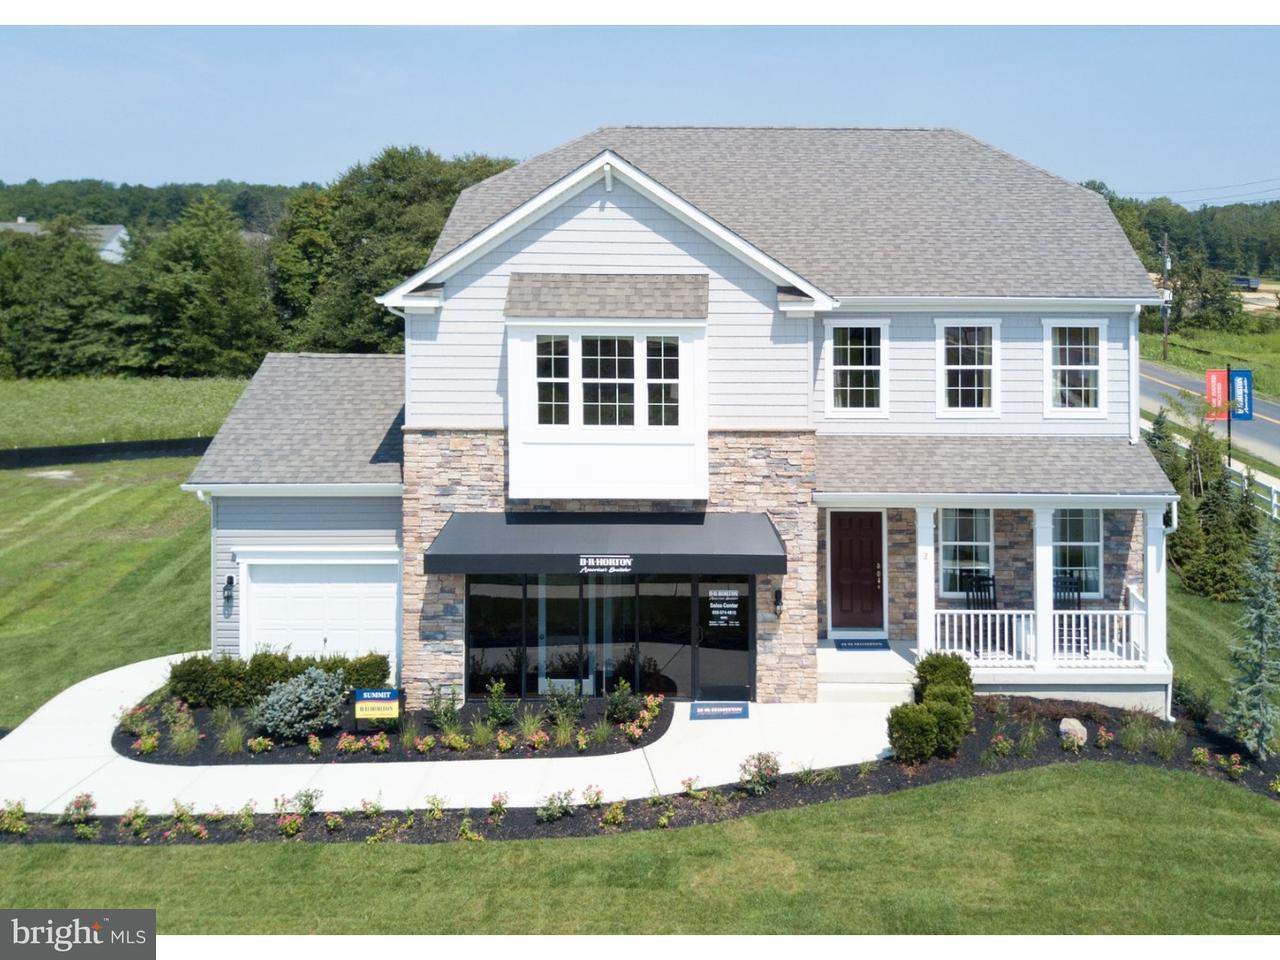 独户住宅 为 销售 在 2 AISLING WAY Evesham Twp, 新泽西州 08053 美国